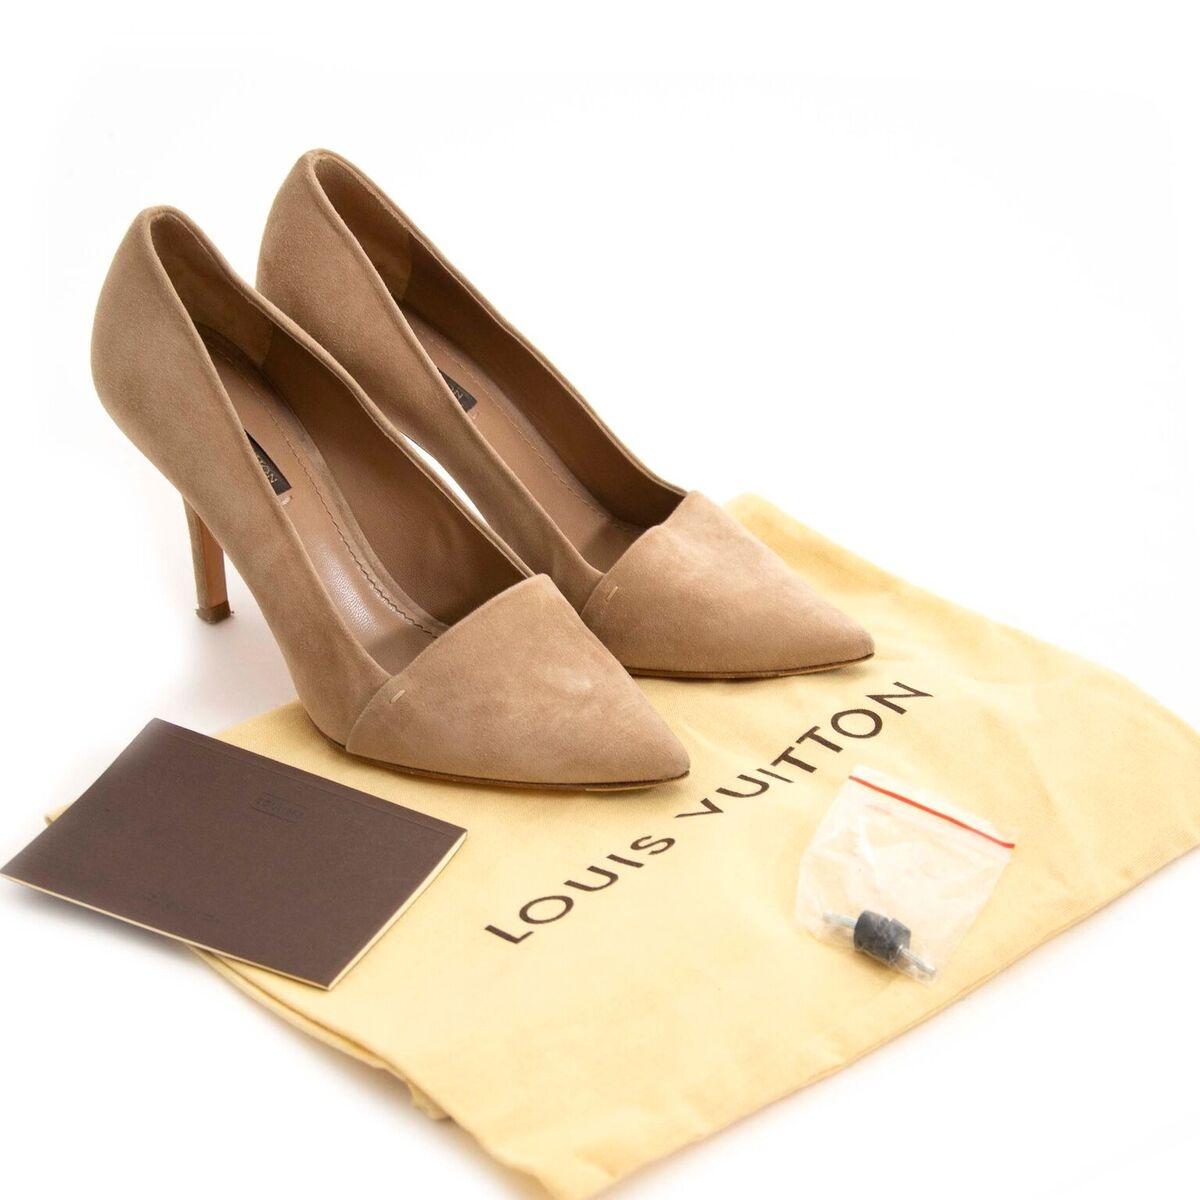 Koop tweedehands Louis Vuitton schoenen bij Labellov. Veilig online winkelen voor een eerlijke prijs.